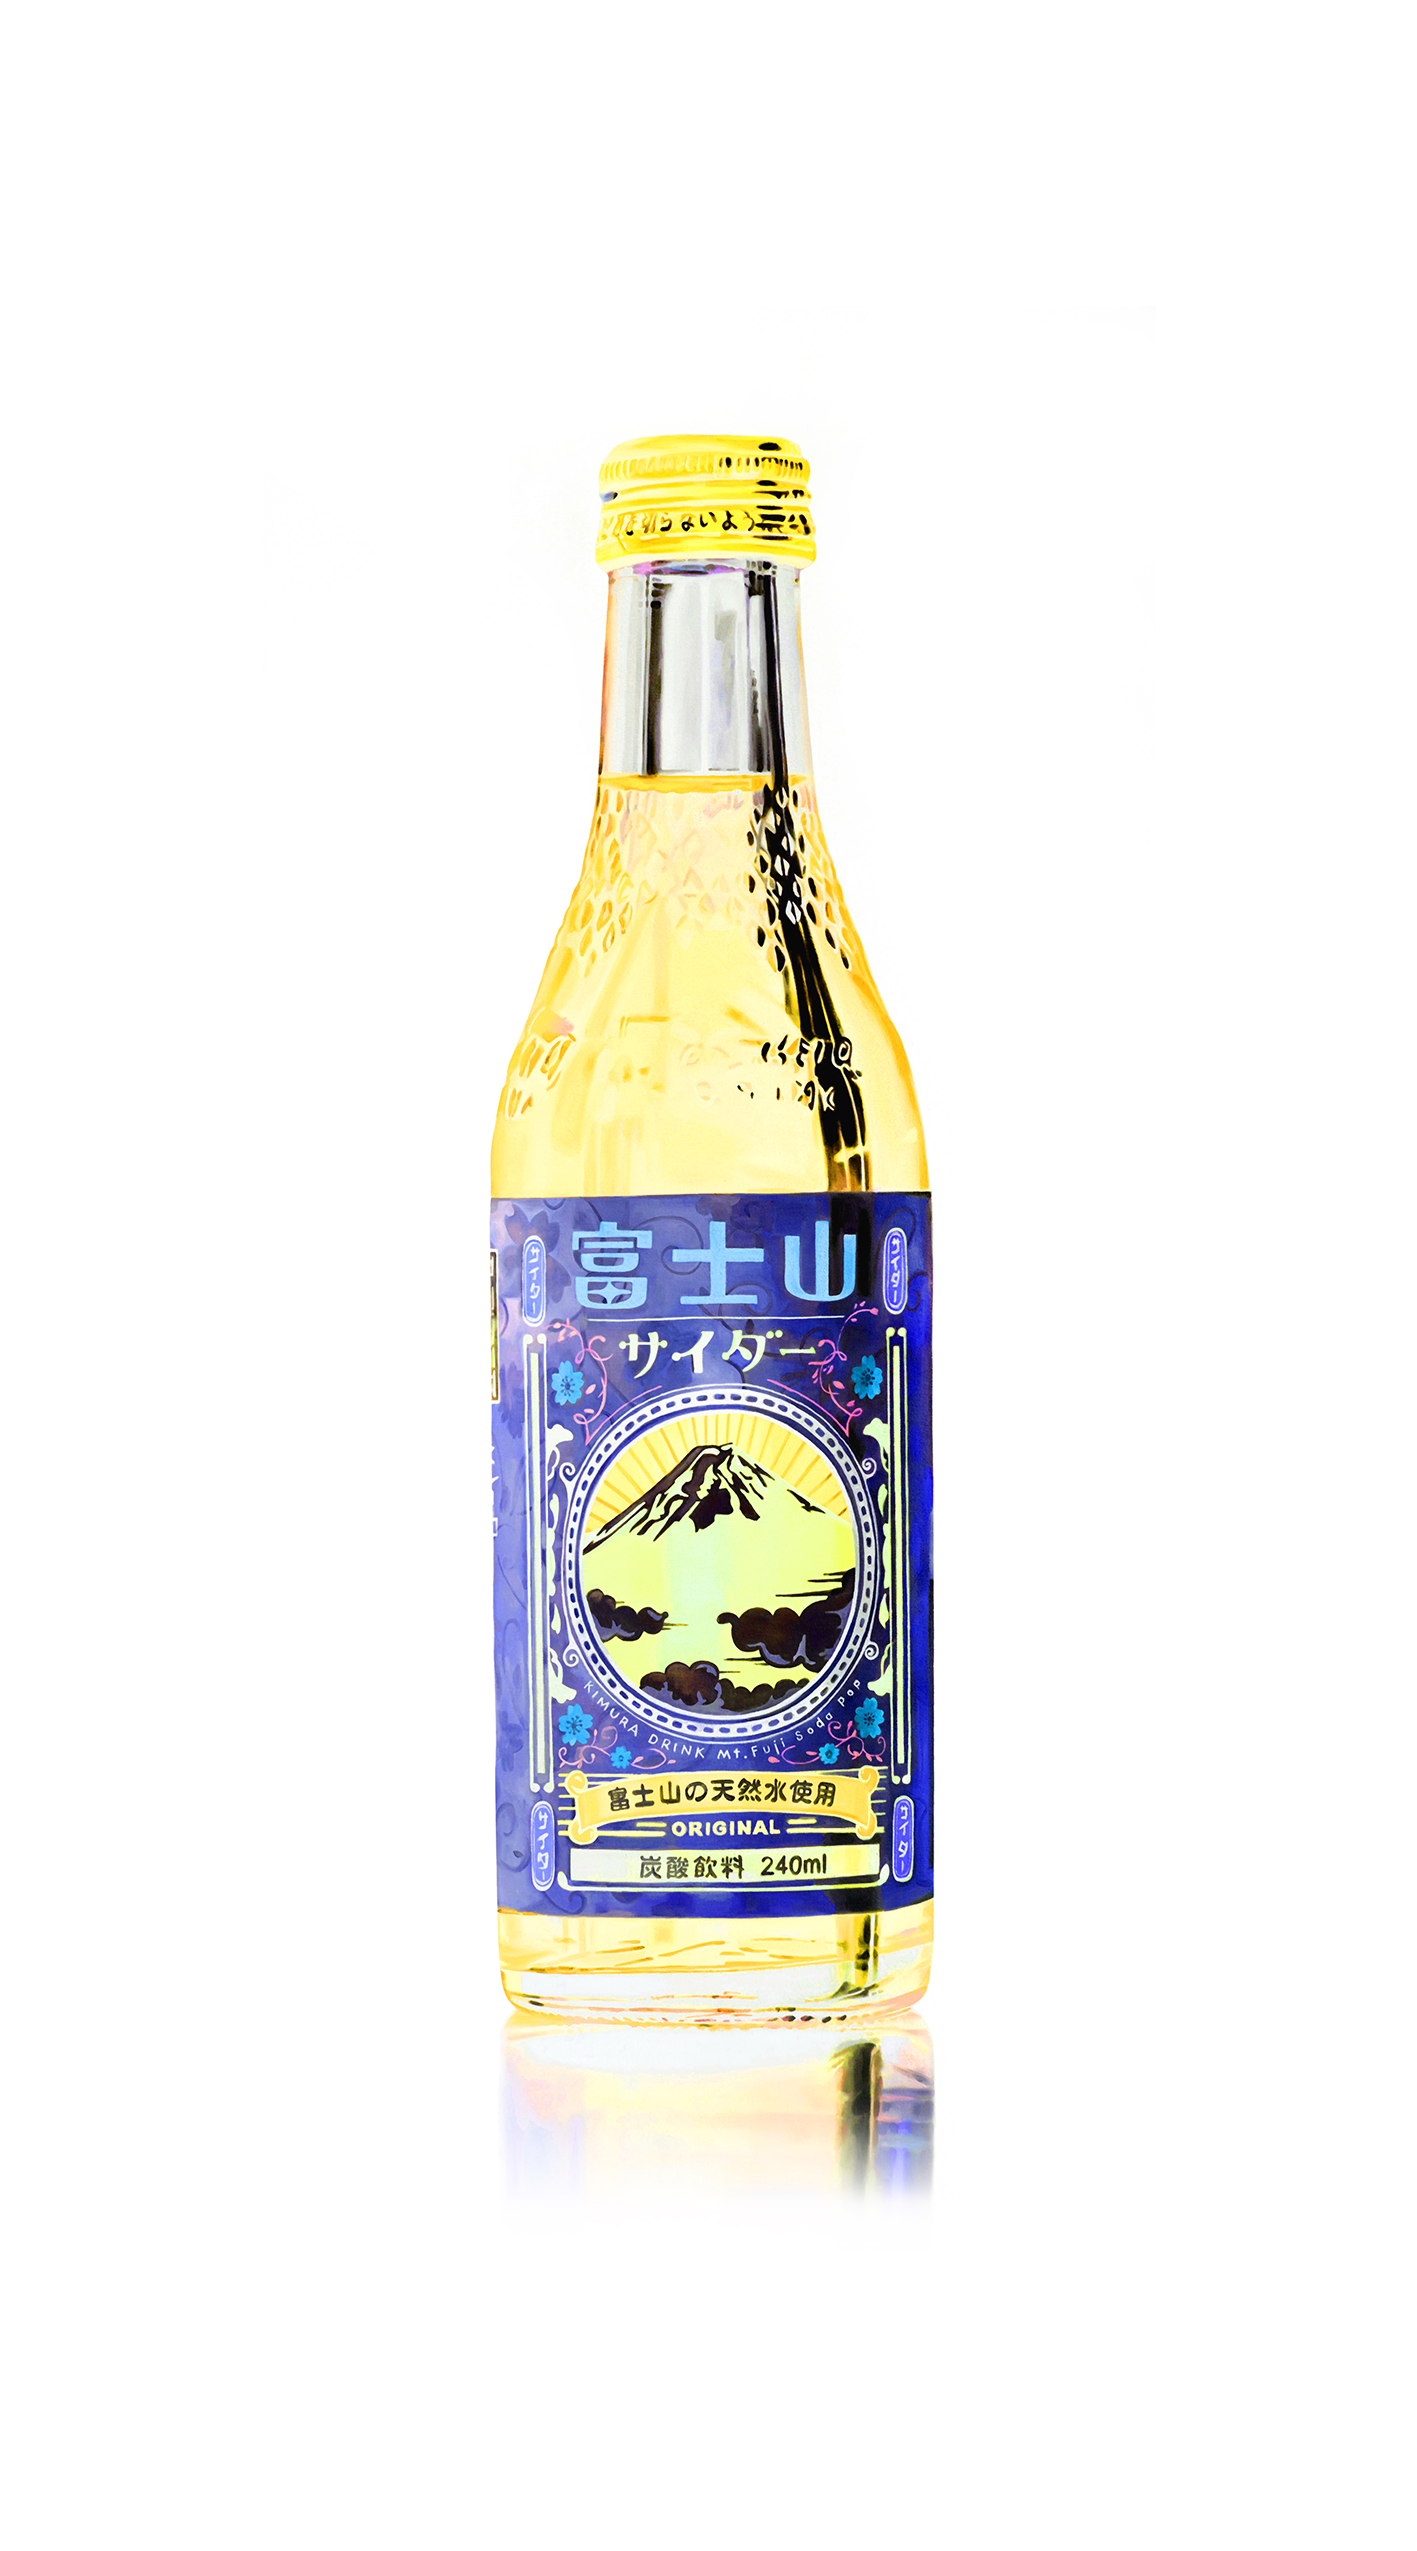 Bottle #12a